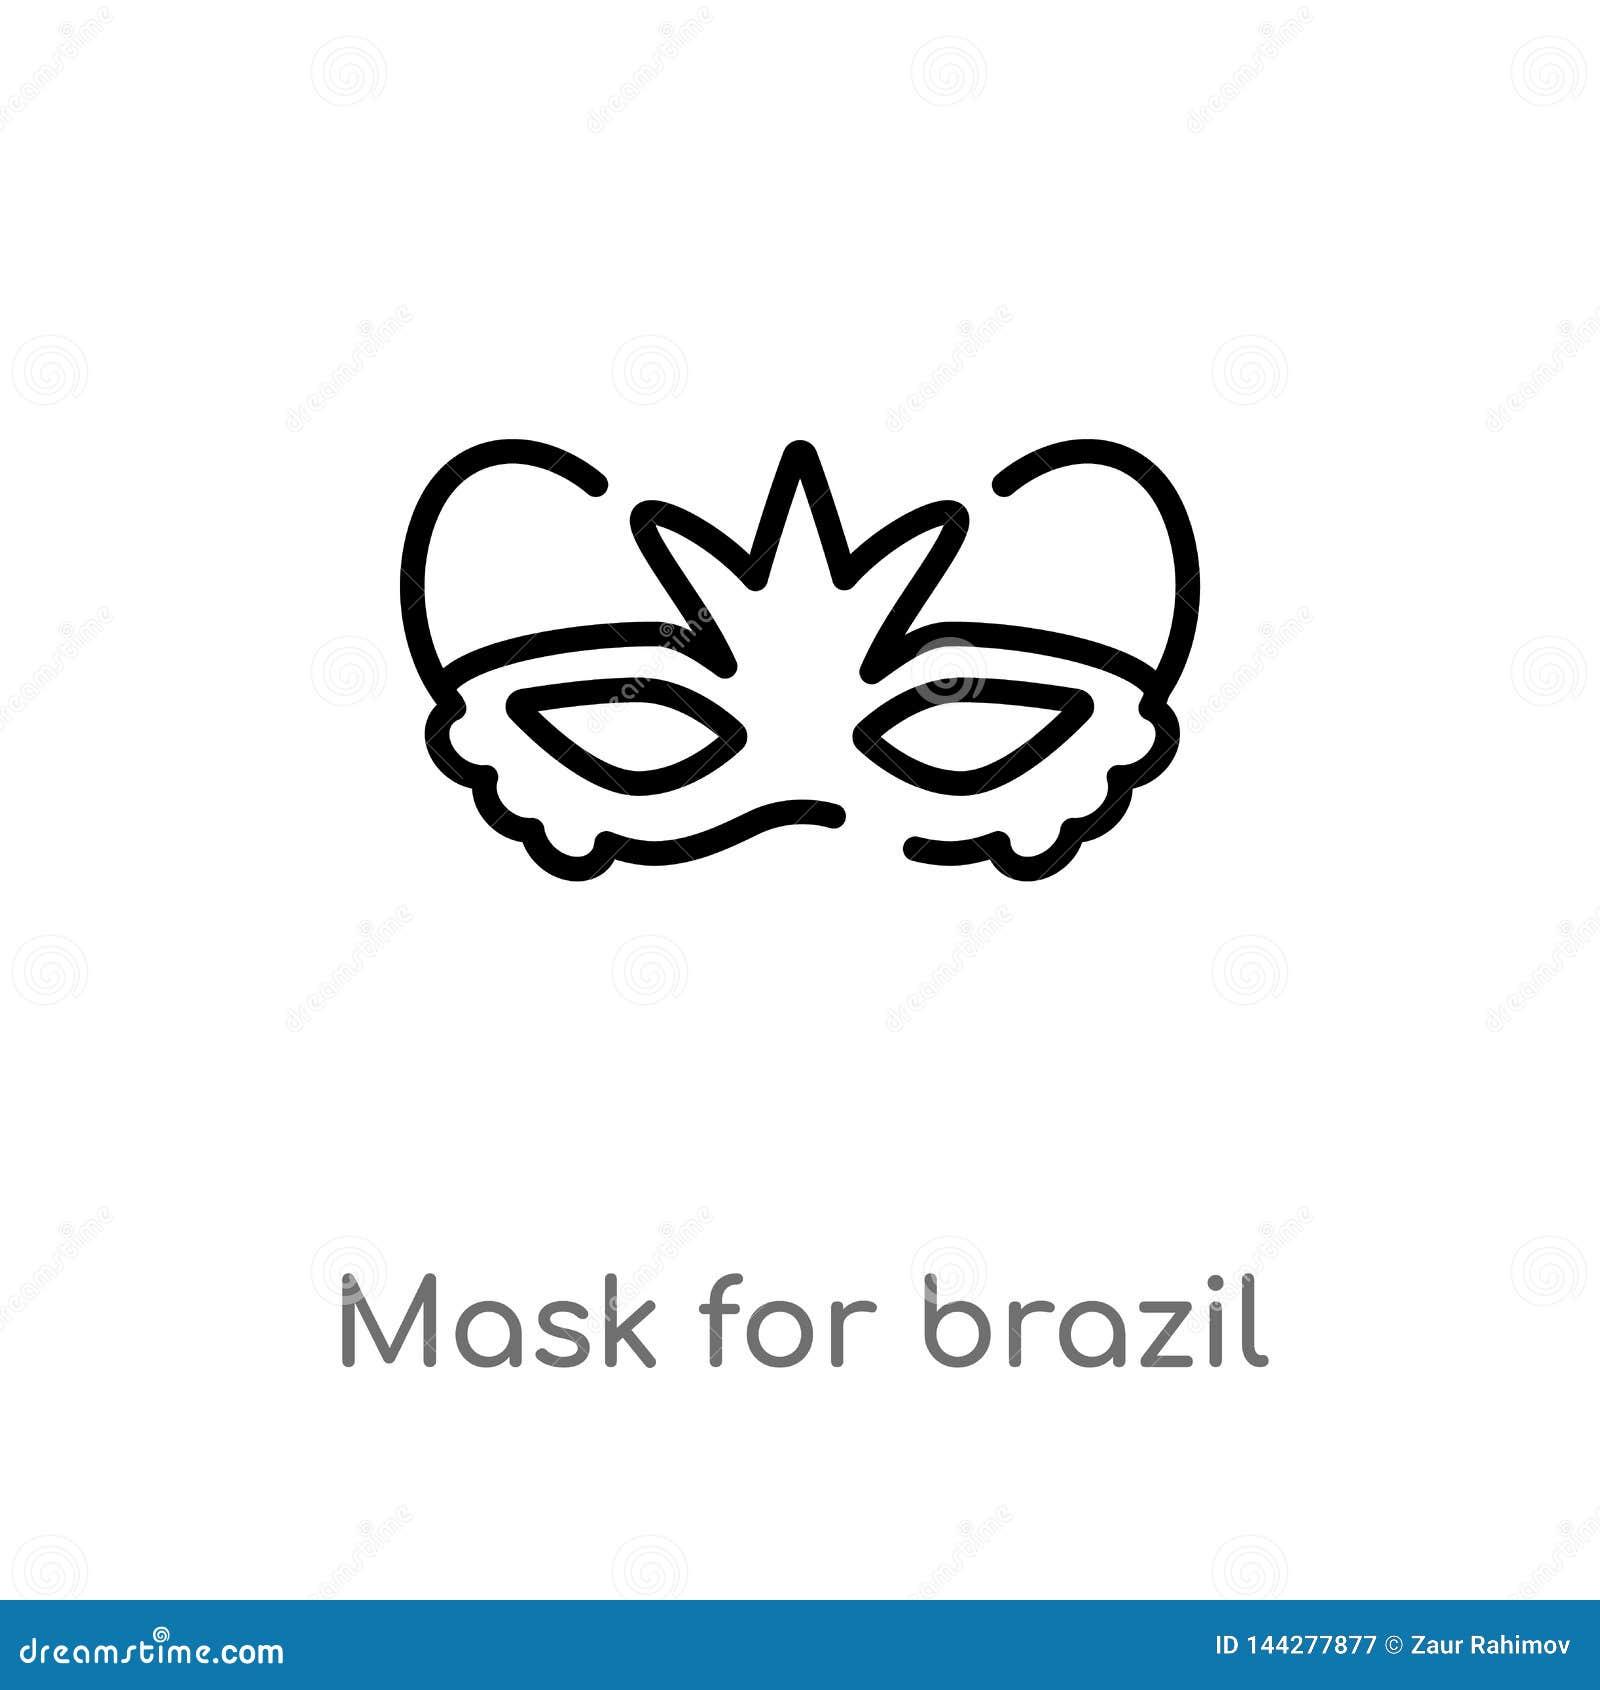 маска плана для значка вектора торжества масленицы Бразилии изолированная черная простая линия иллюстрация элемента от концепции